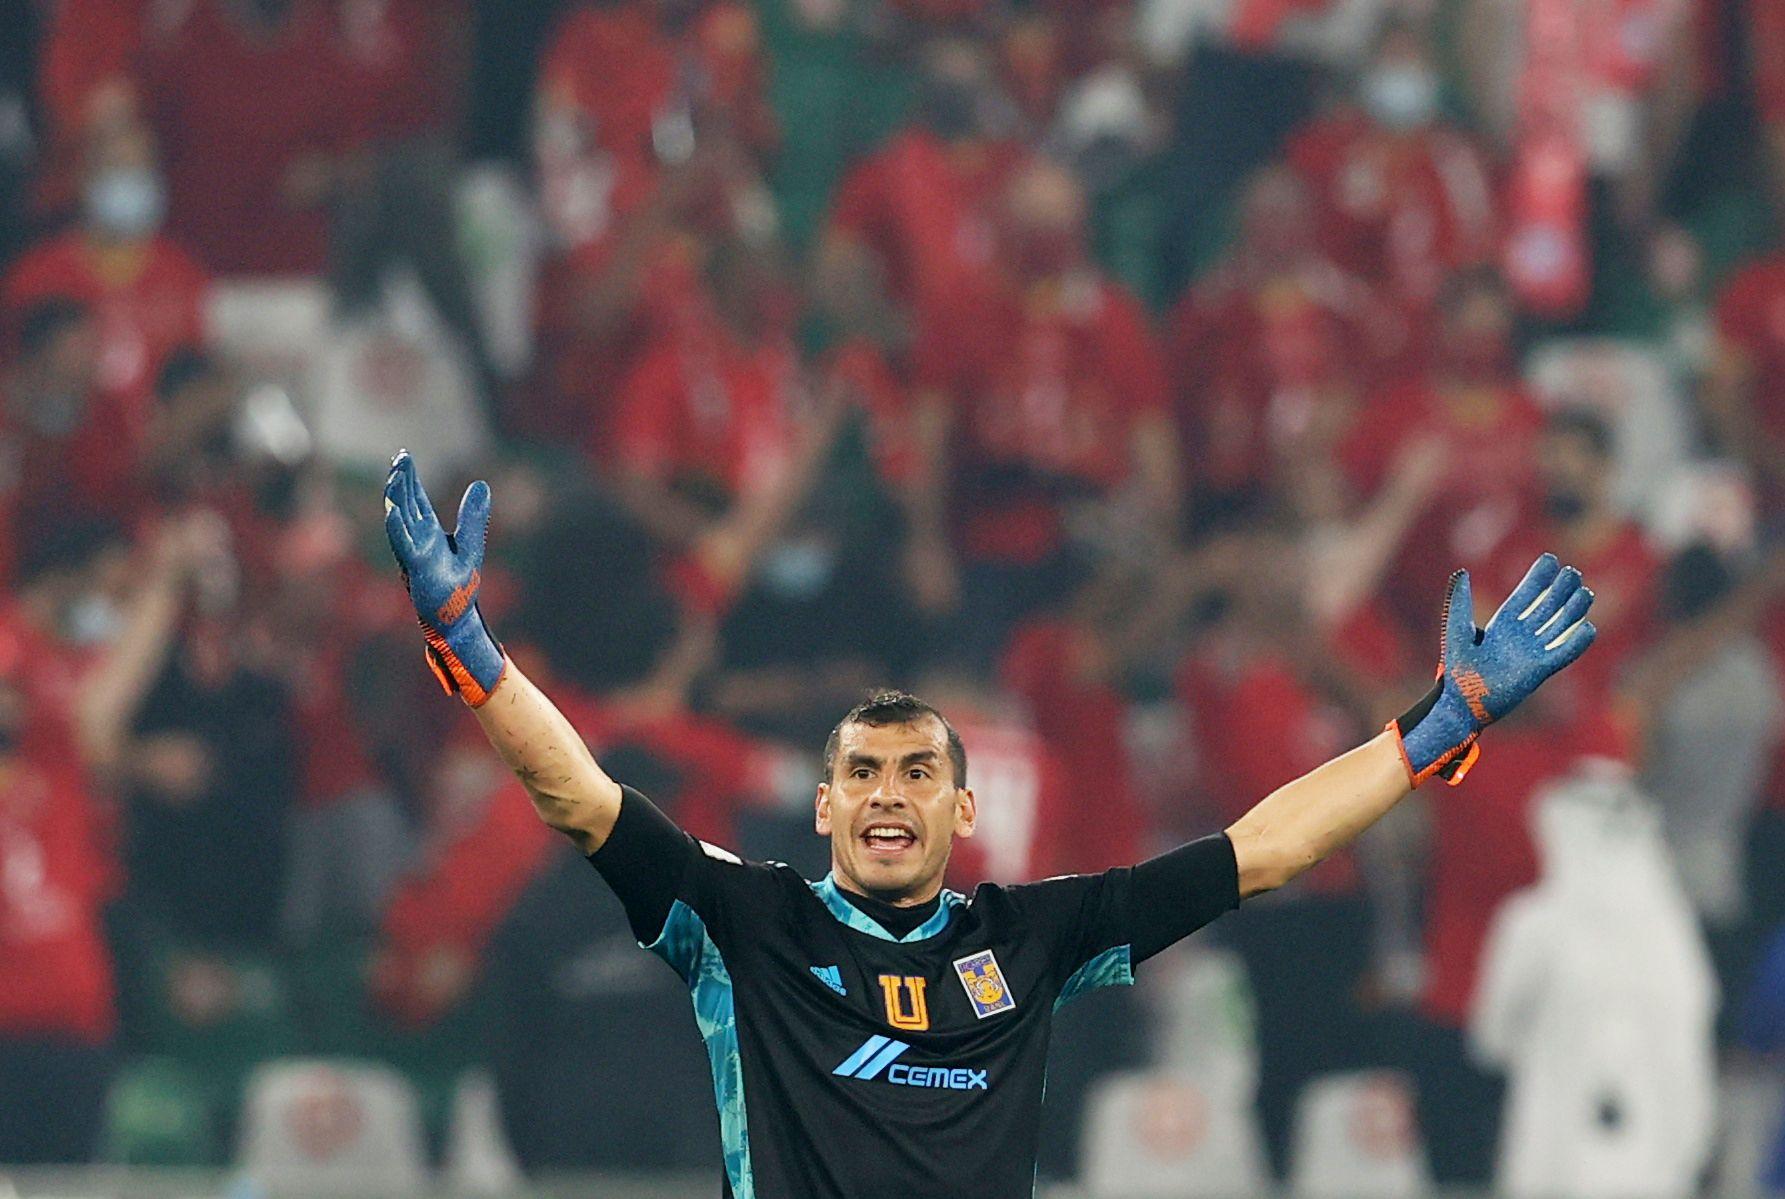 Nahuel Guzmán salvó a su equipo de la derrota desde el primer tiempo (Foto: Ibraheem Al Omari/ REUTERS)